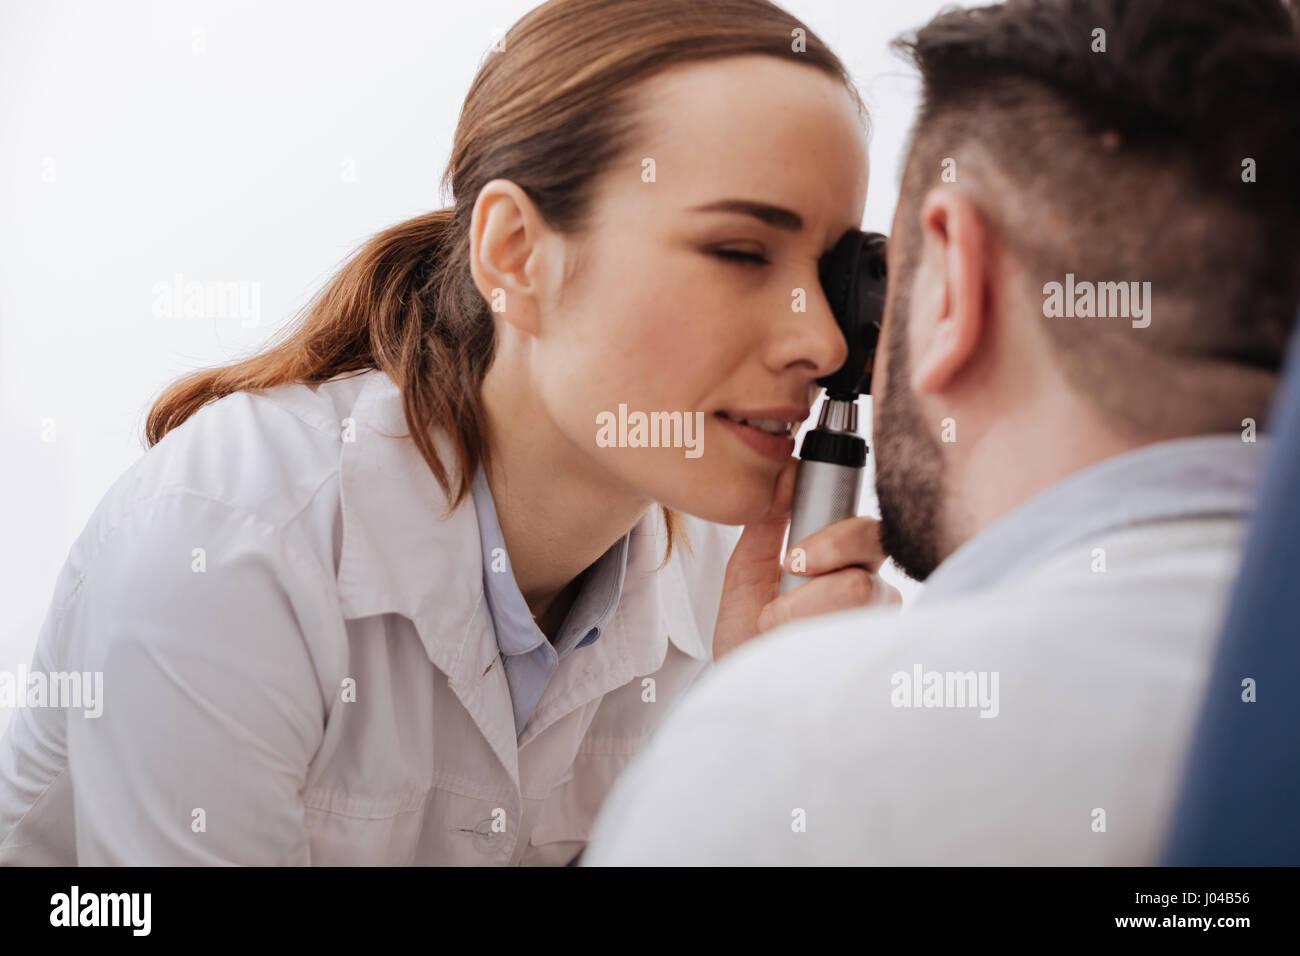 Schöne professionelle Optiker mit einem modernen Diagnosegerät Stockbild